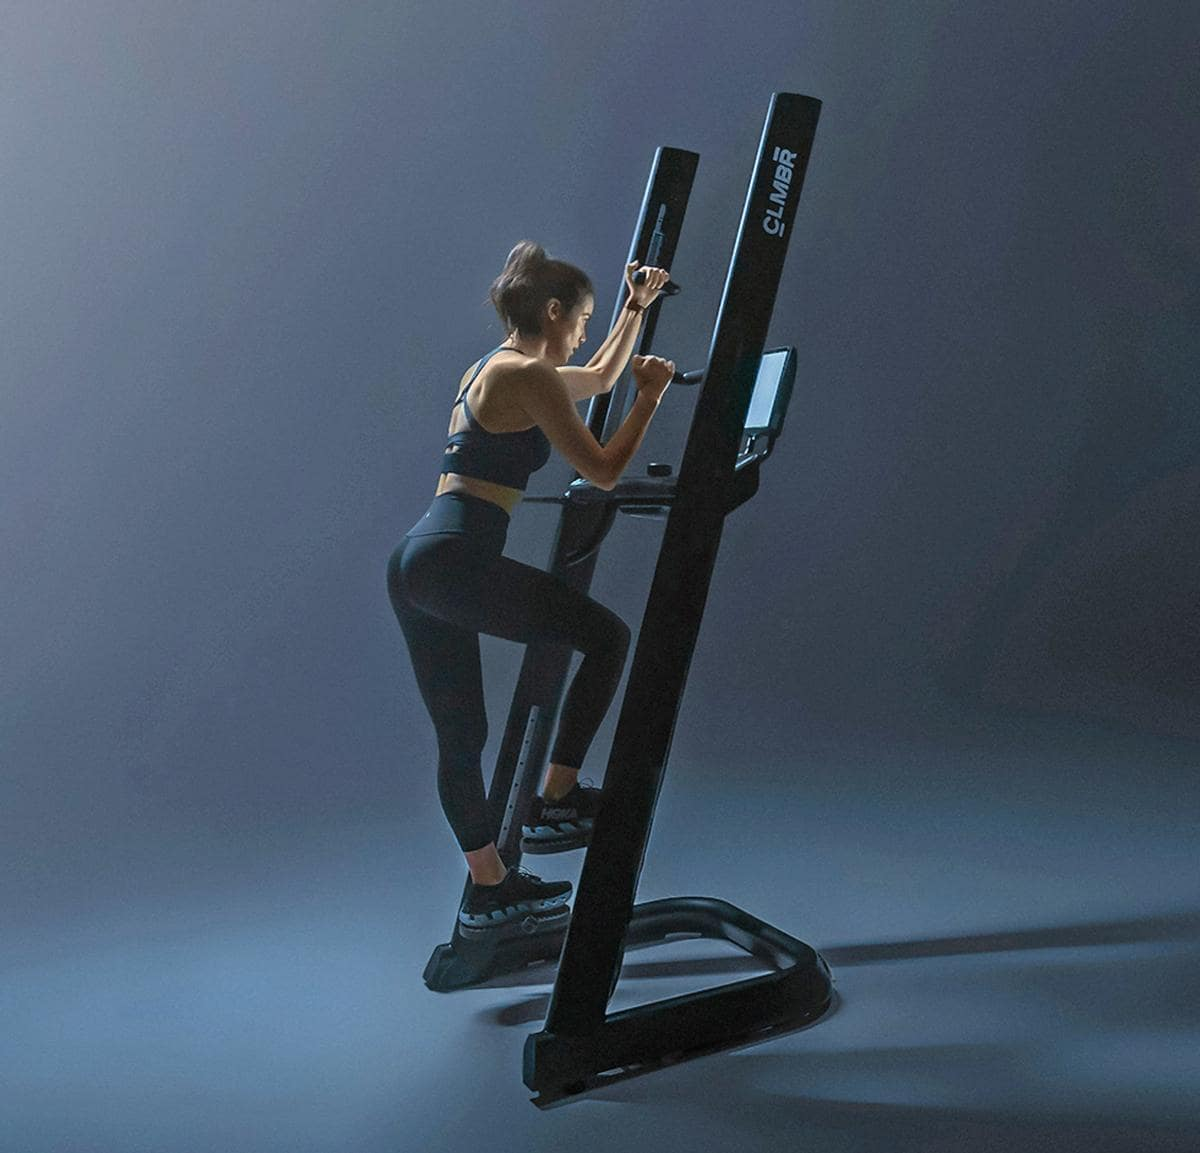 the sleek high-tech vertical climbing machine - CLMBR with display screen